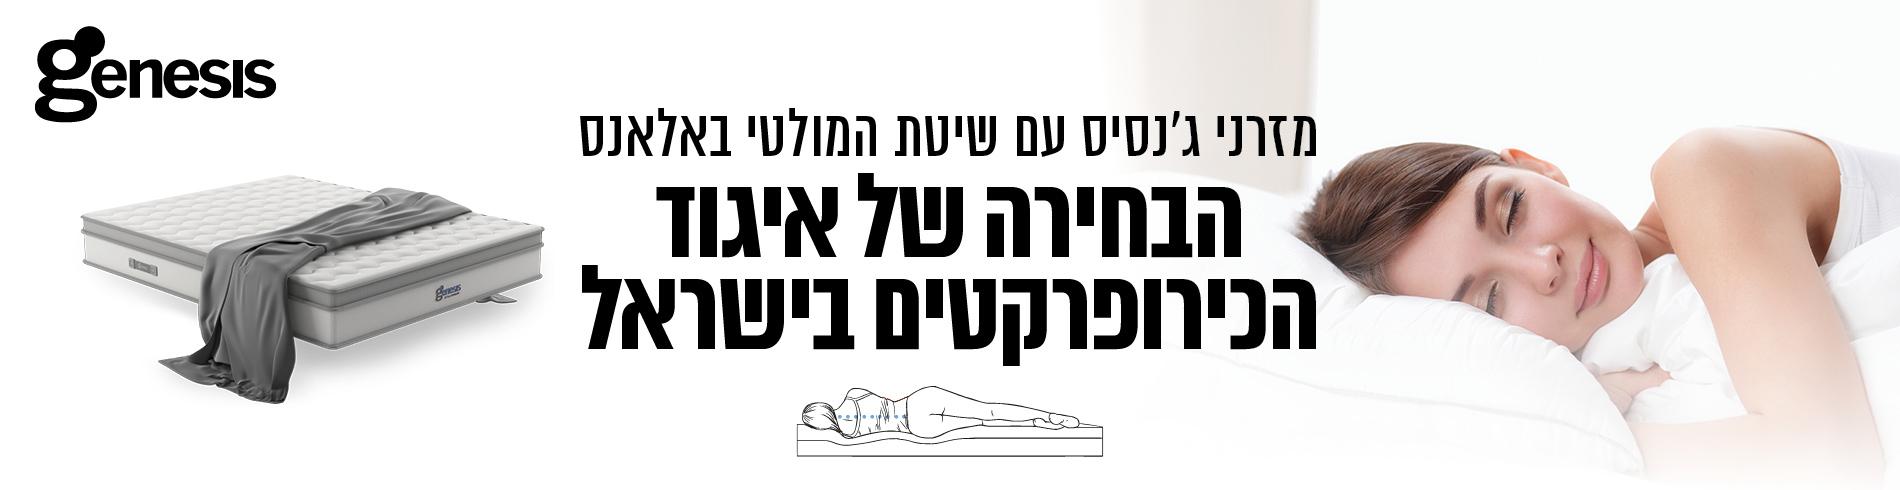 האגודה הישראלית לכירופרטיקה ג'נסיס